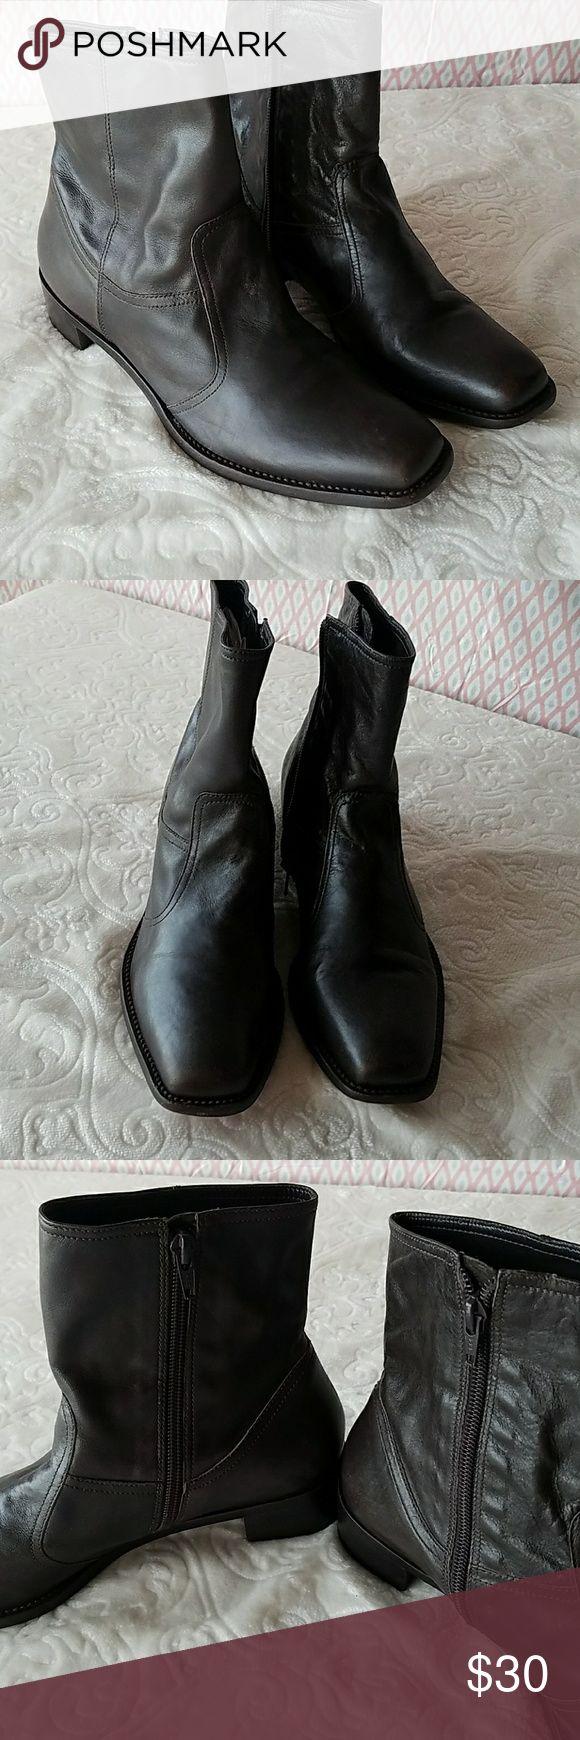 #9- ANTONIO MELANI WOMEN'S BOOTIES!!!! ANTONIO MELANI BOOTIES EXCELLENT USED CONDITION ANTONIO MELANI Shoes Ankle Boots & Booties